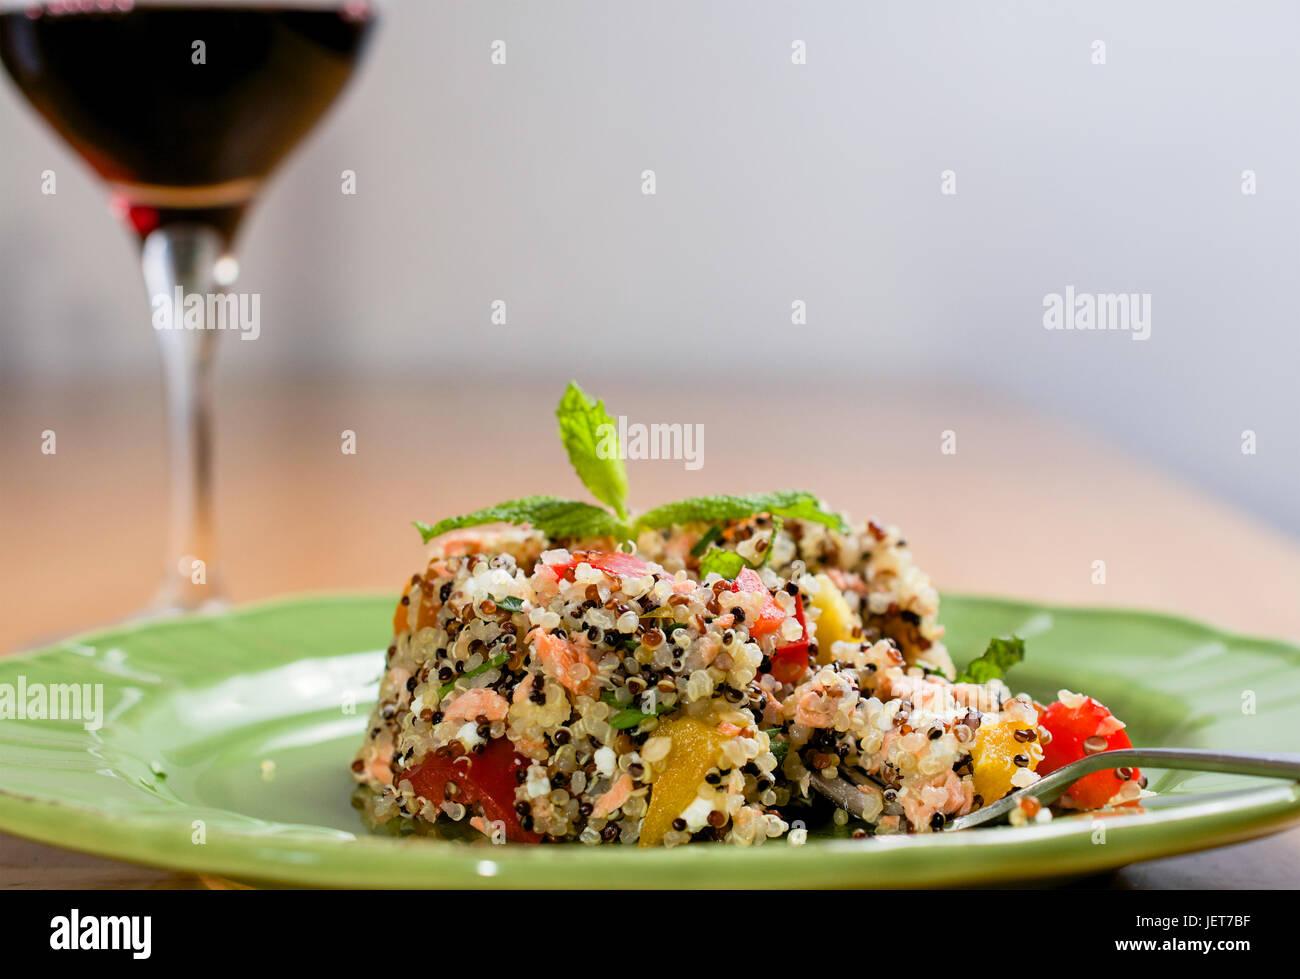 Primer plano sobre la placa verde con quinoa Ensalada tricolor en la mesa de madera, con una copa de vino en el Imagen De Stock